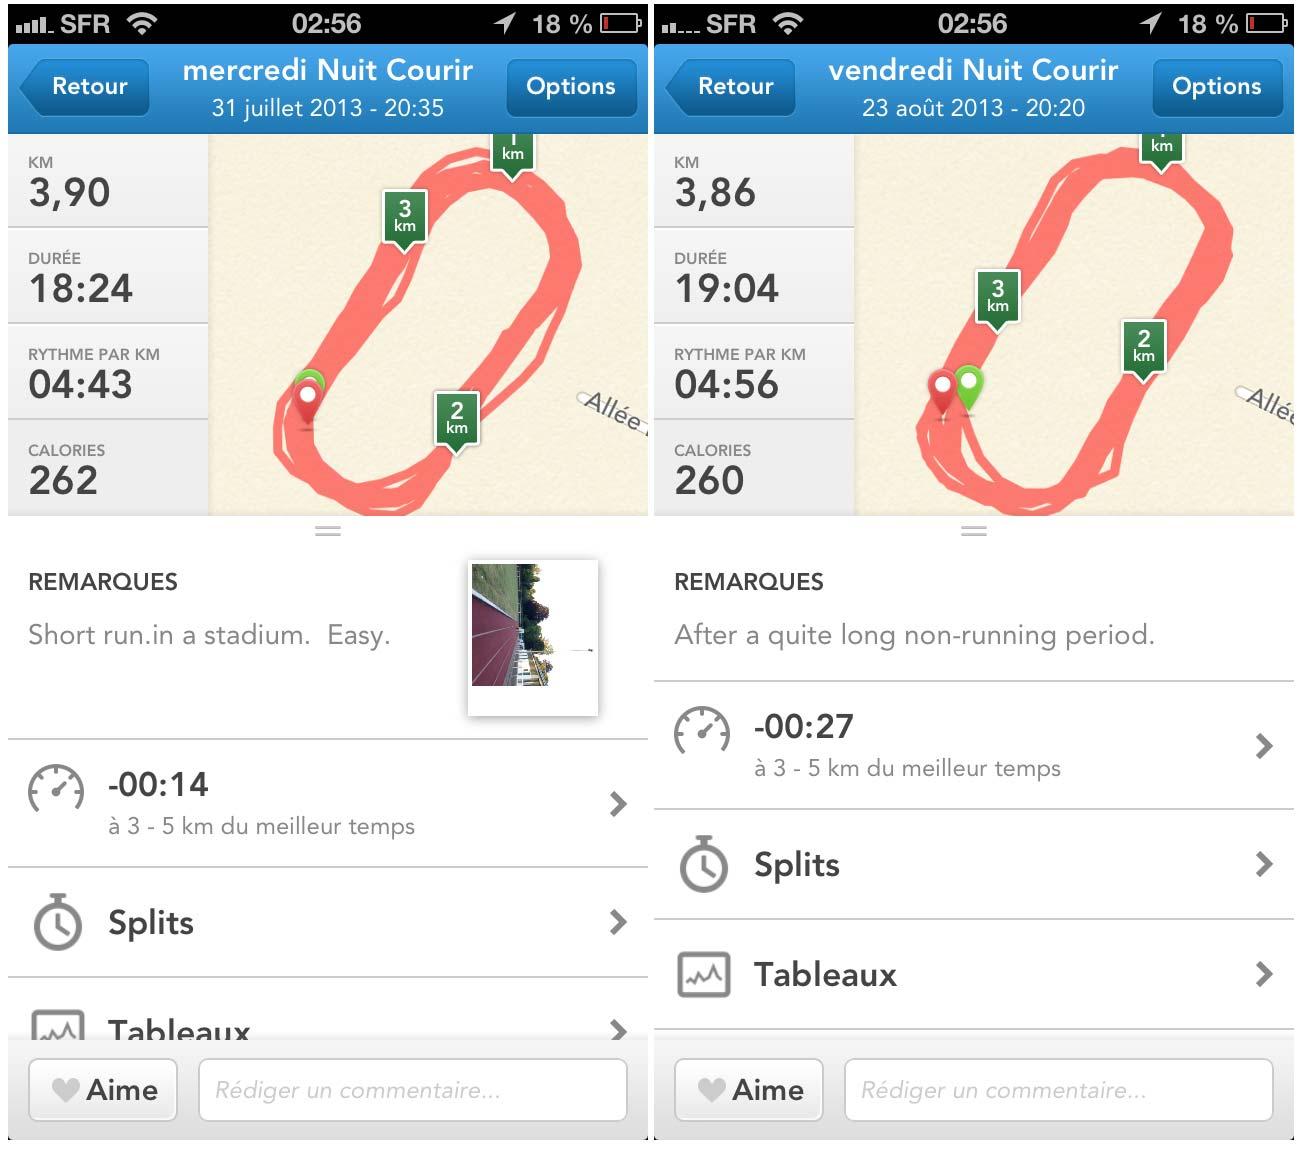 Valeurs de distance enregistrées par l'appli RunKeeper en même temps que la montre GPS Suunto Ambit2 lors du parcours effectif de 4 km.